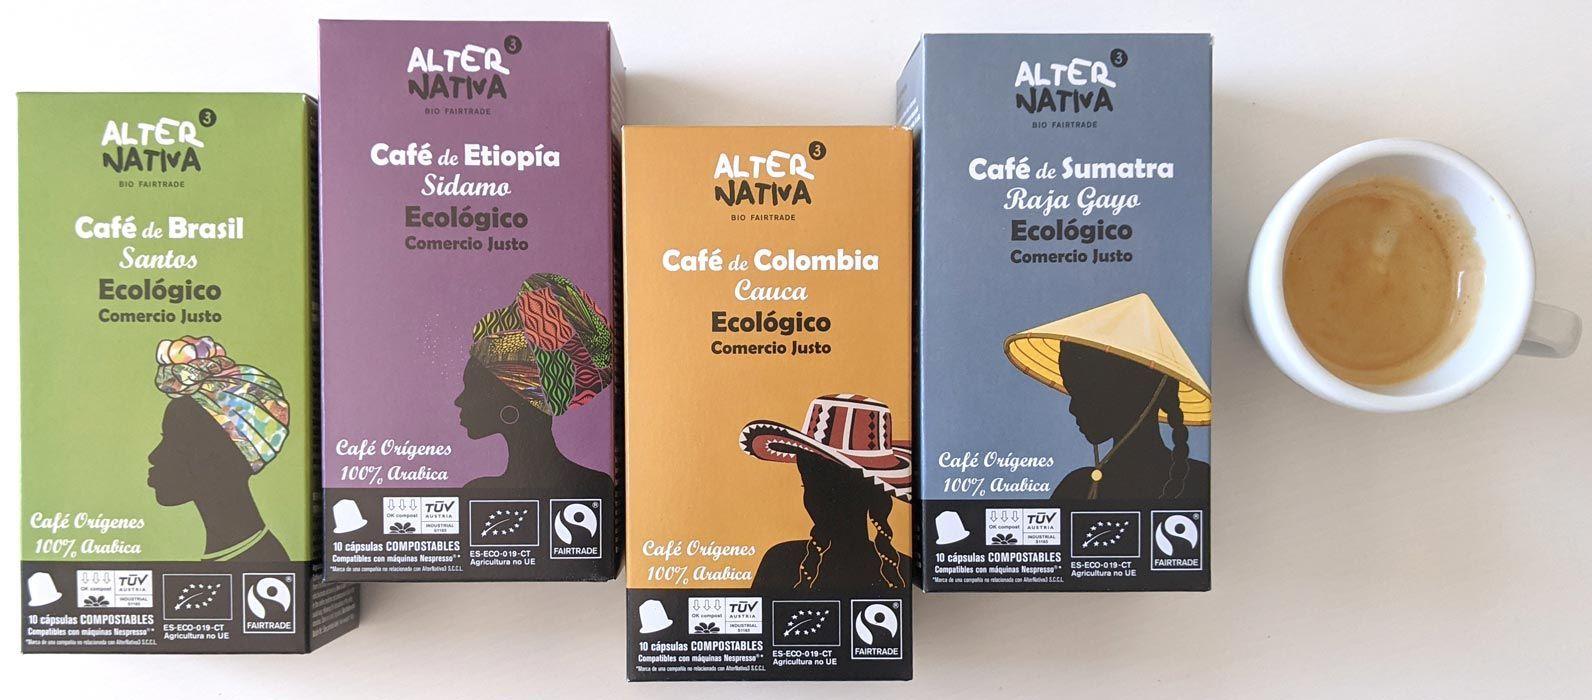 Nuevas cápsulas compostables, de AlterNativa3